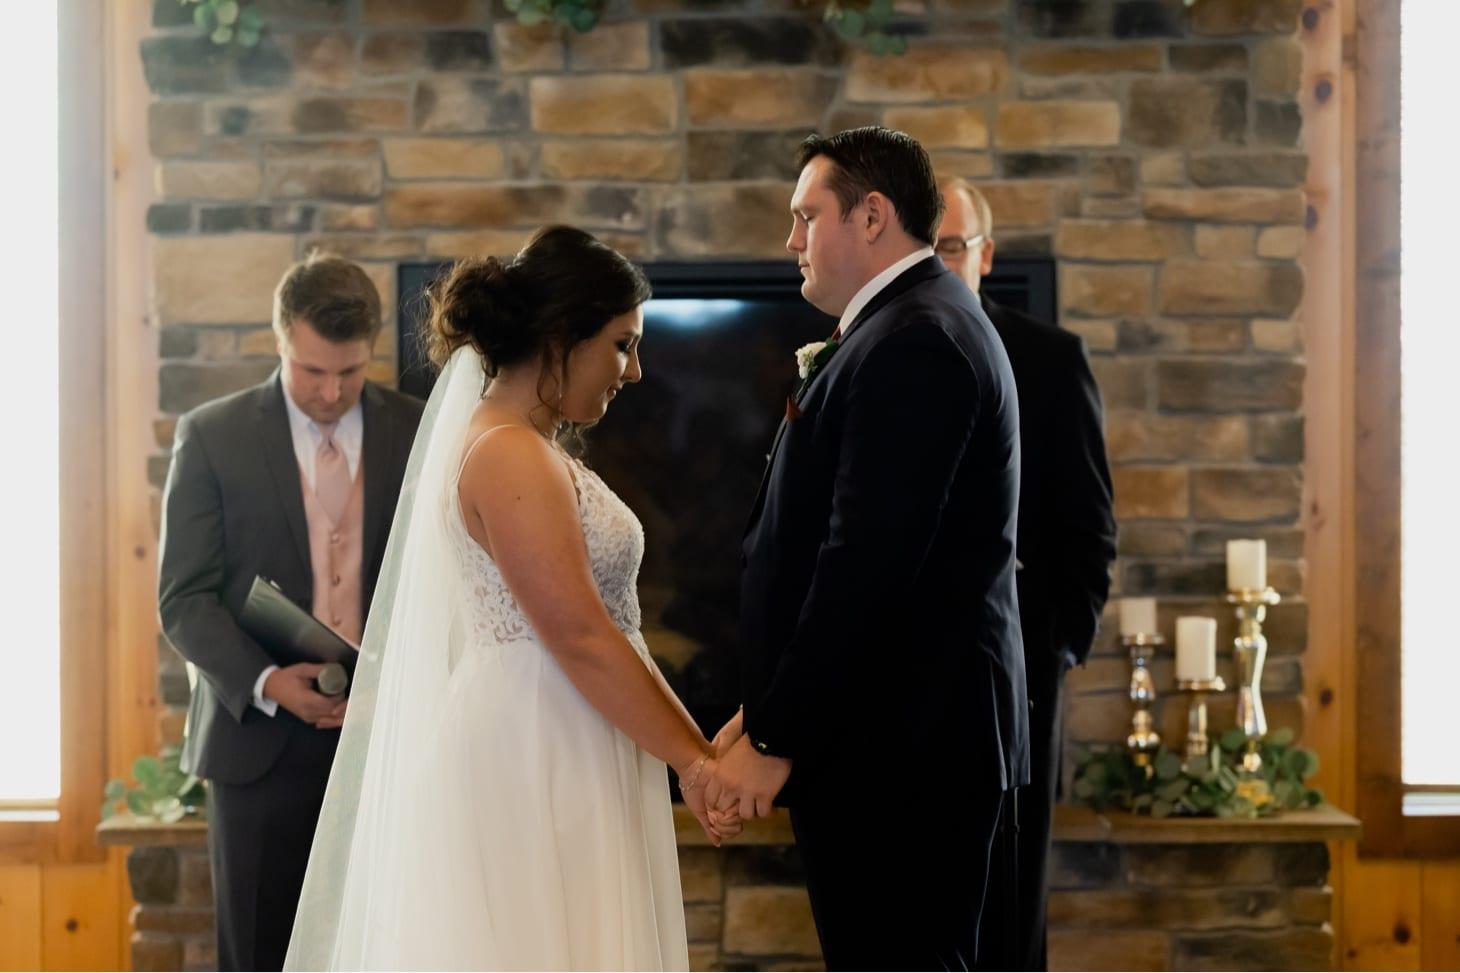 wedding ceremony photos adel iowa